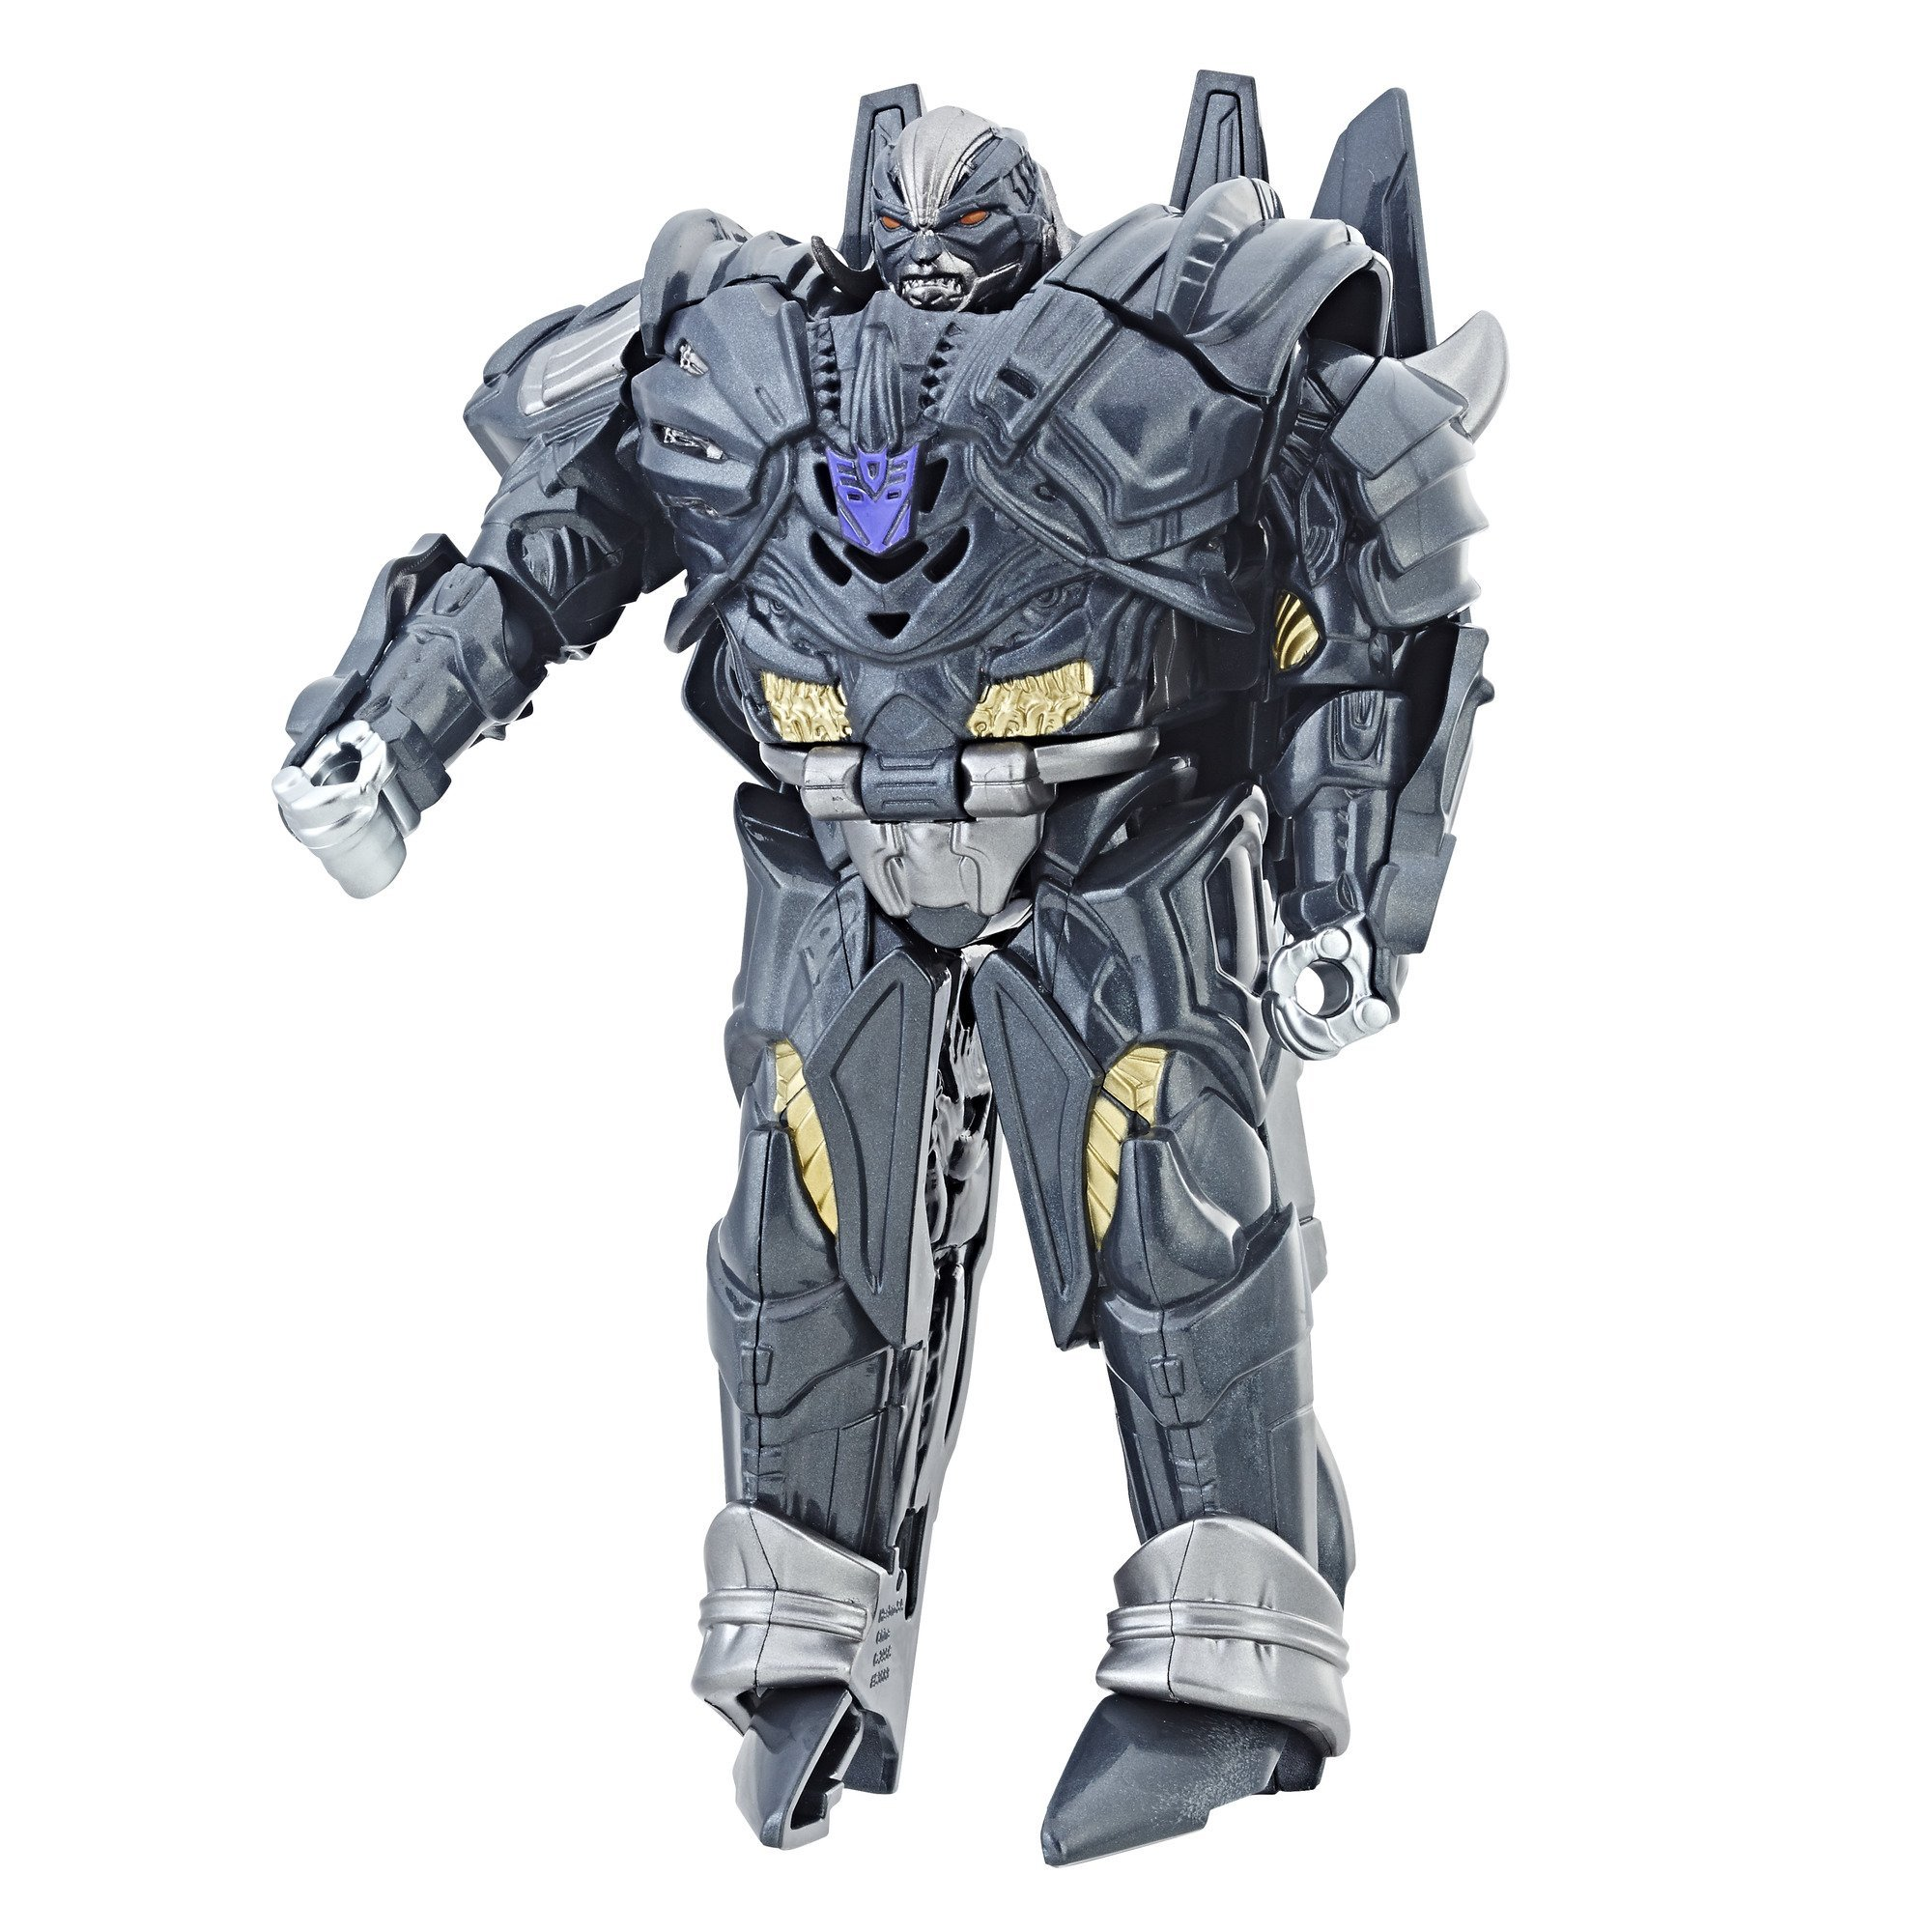 Megatron transformers toys tfw